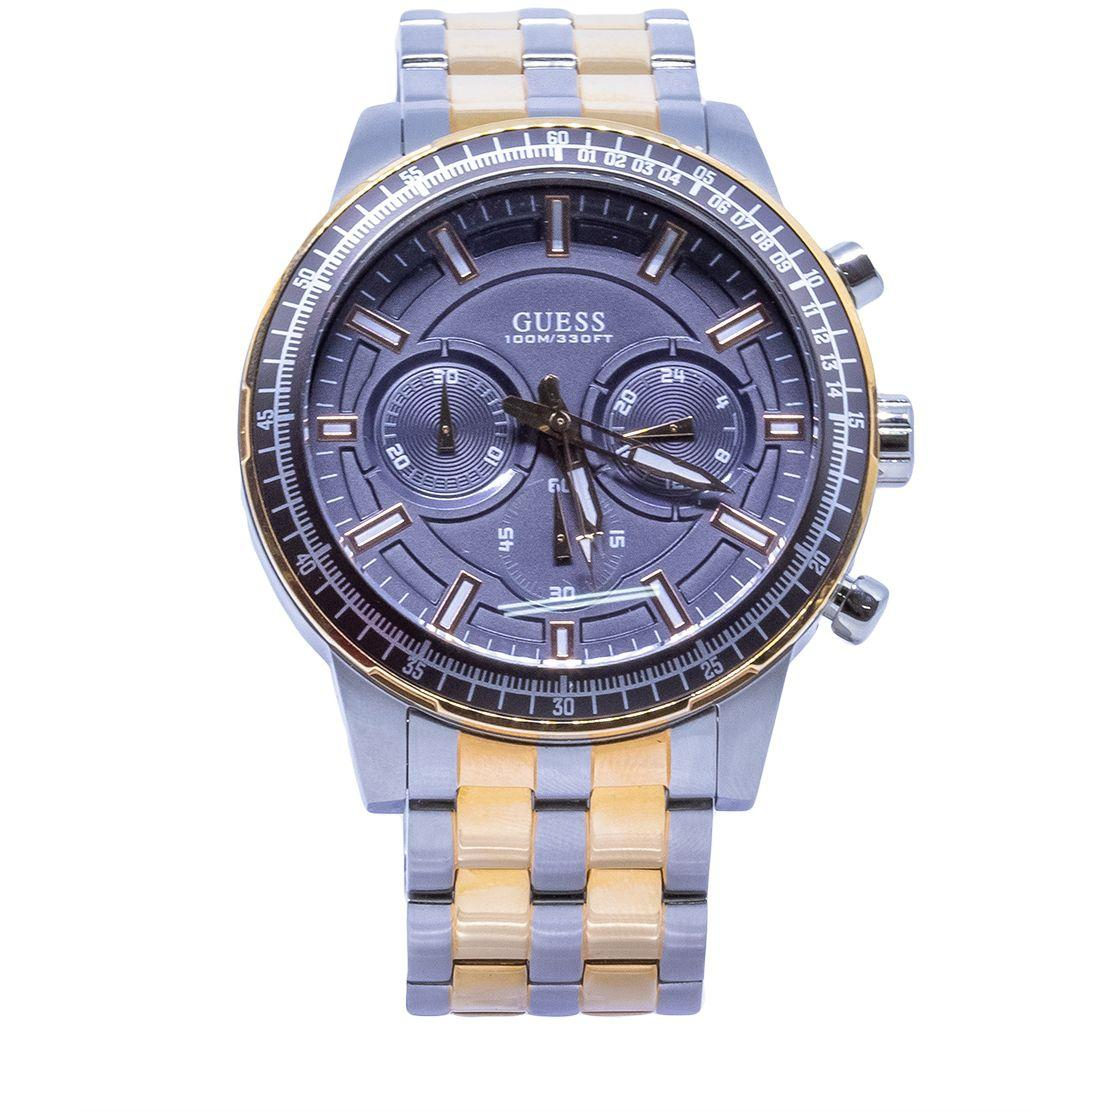 71bd53ba4 Relógio Guess Analógico Masculino - 92618GPGSGA1 R$ 1.175,00 à vista.  Adicionar à sacola